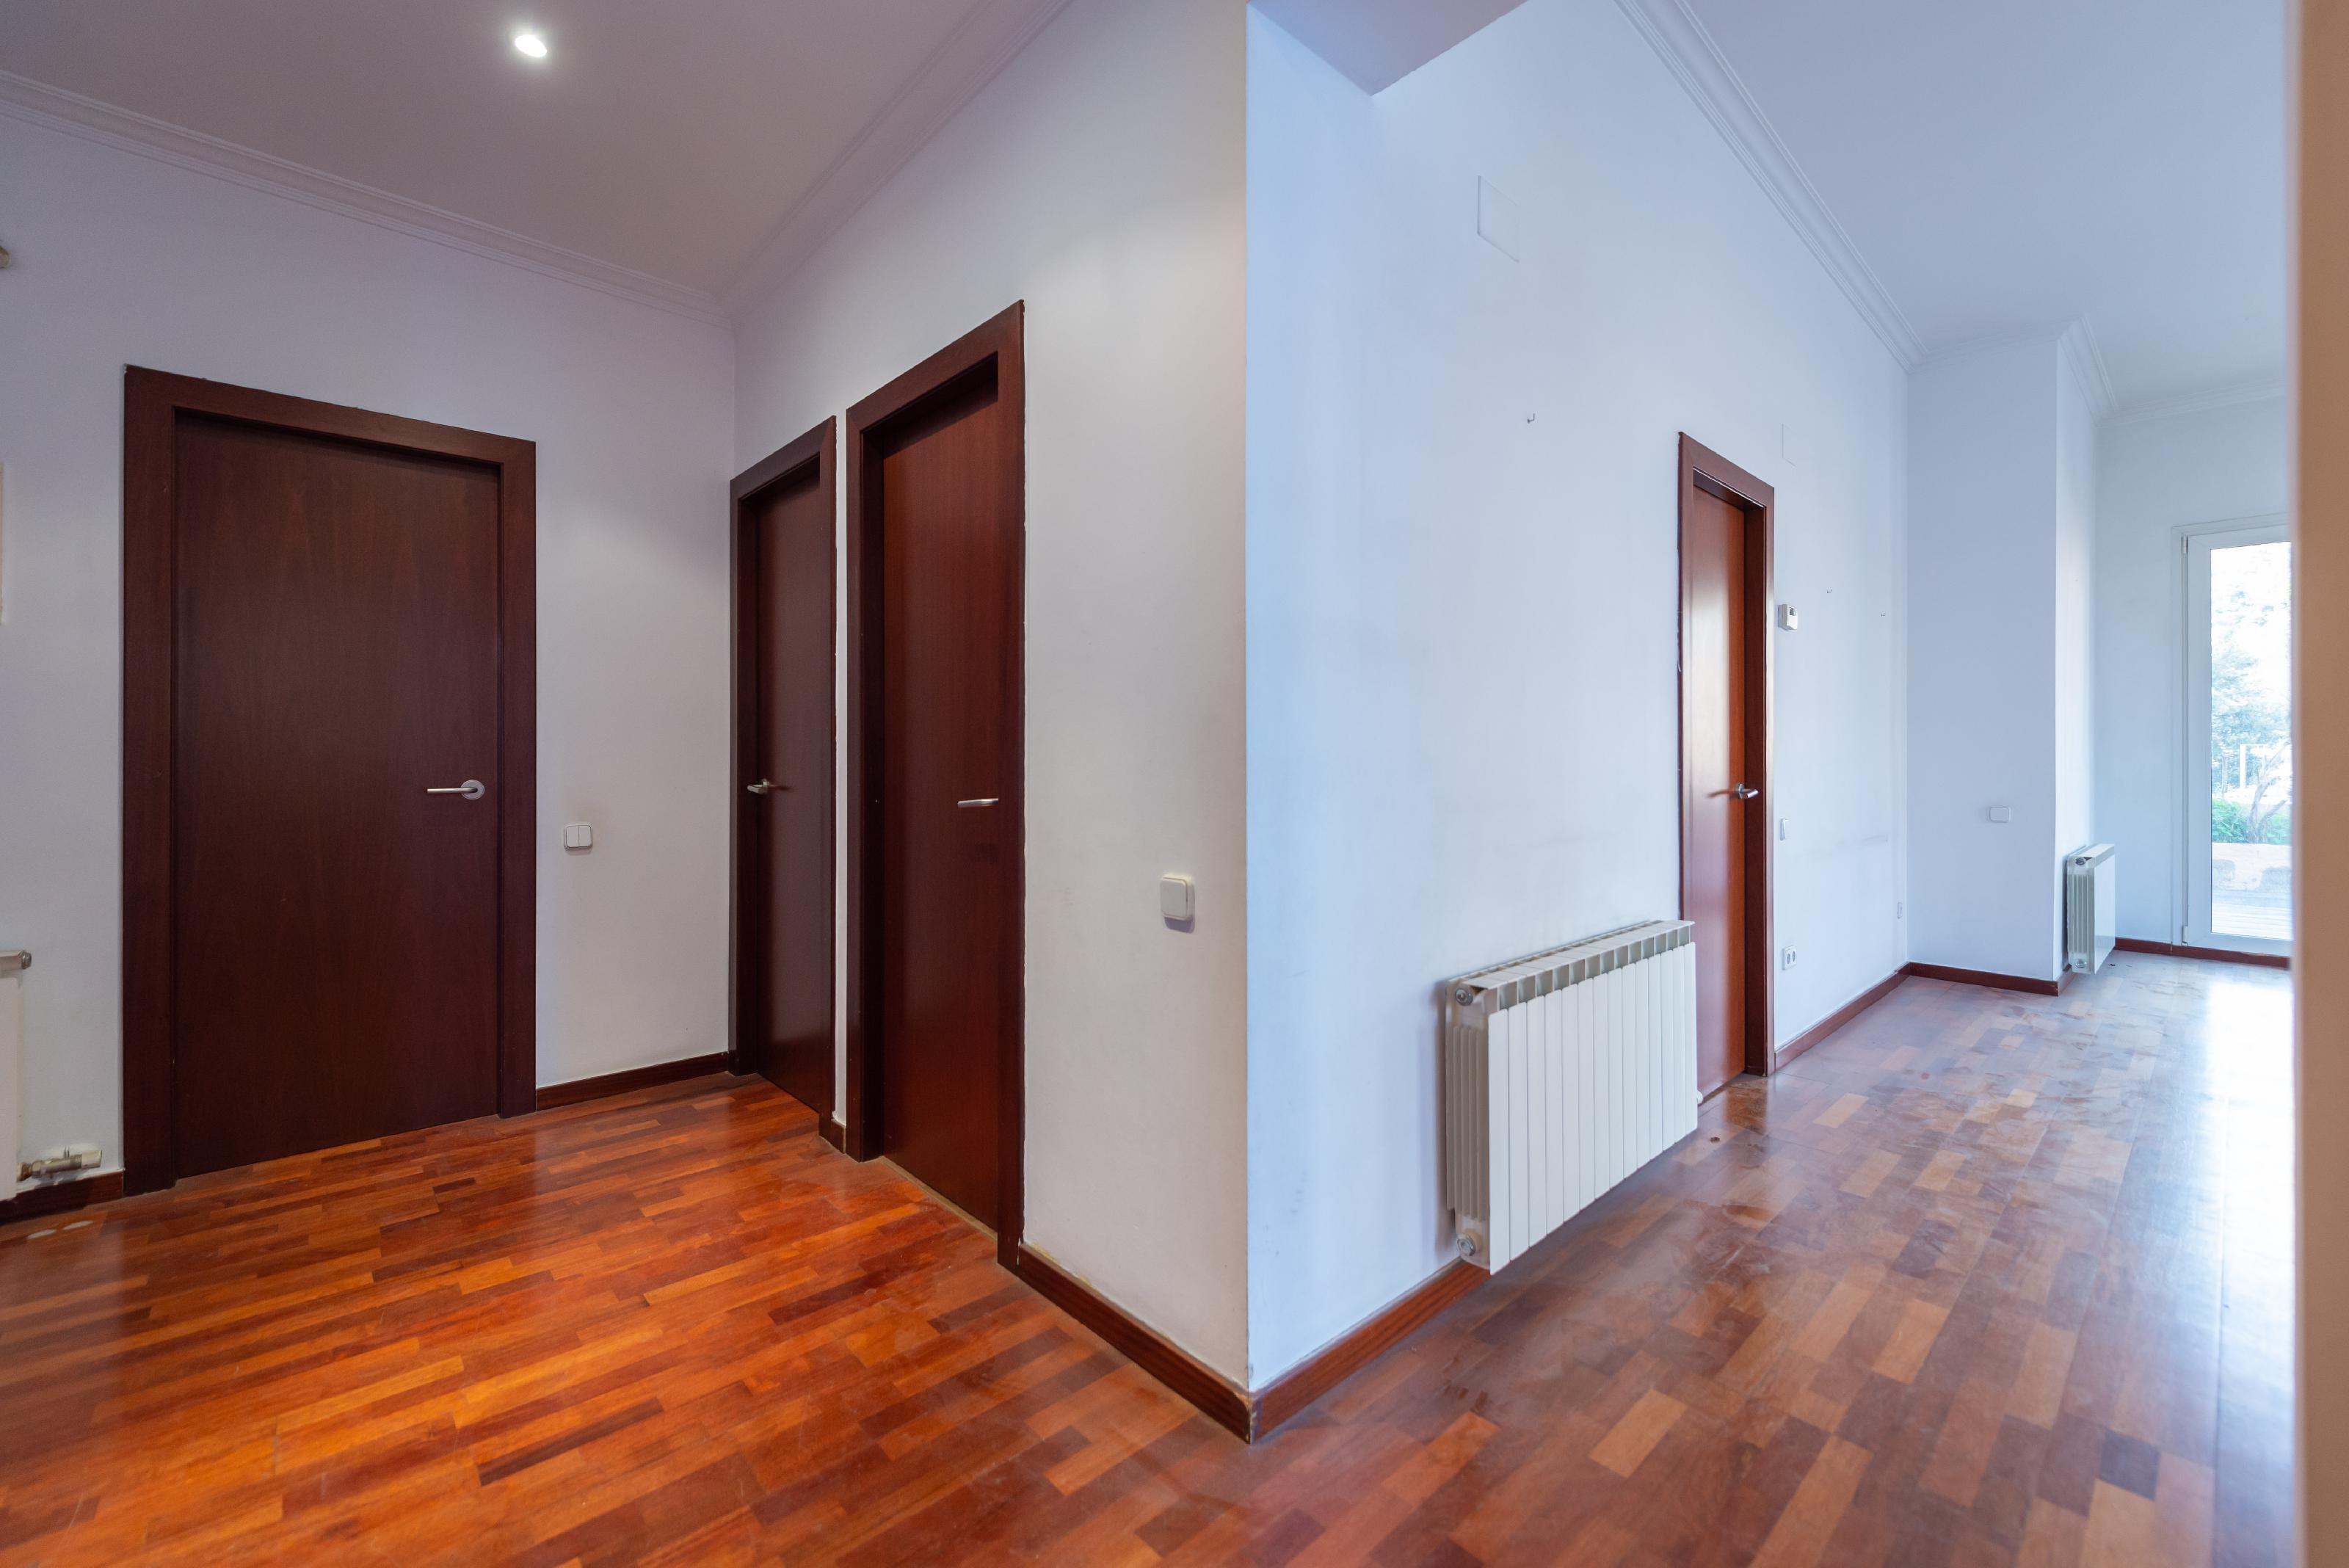 246020 Flat for sale in Sarrià-Sant Gervasi, Sarrià 4